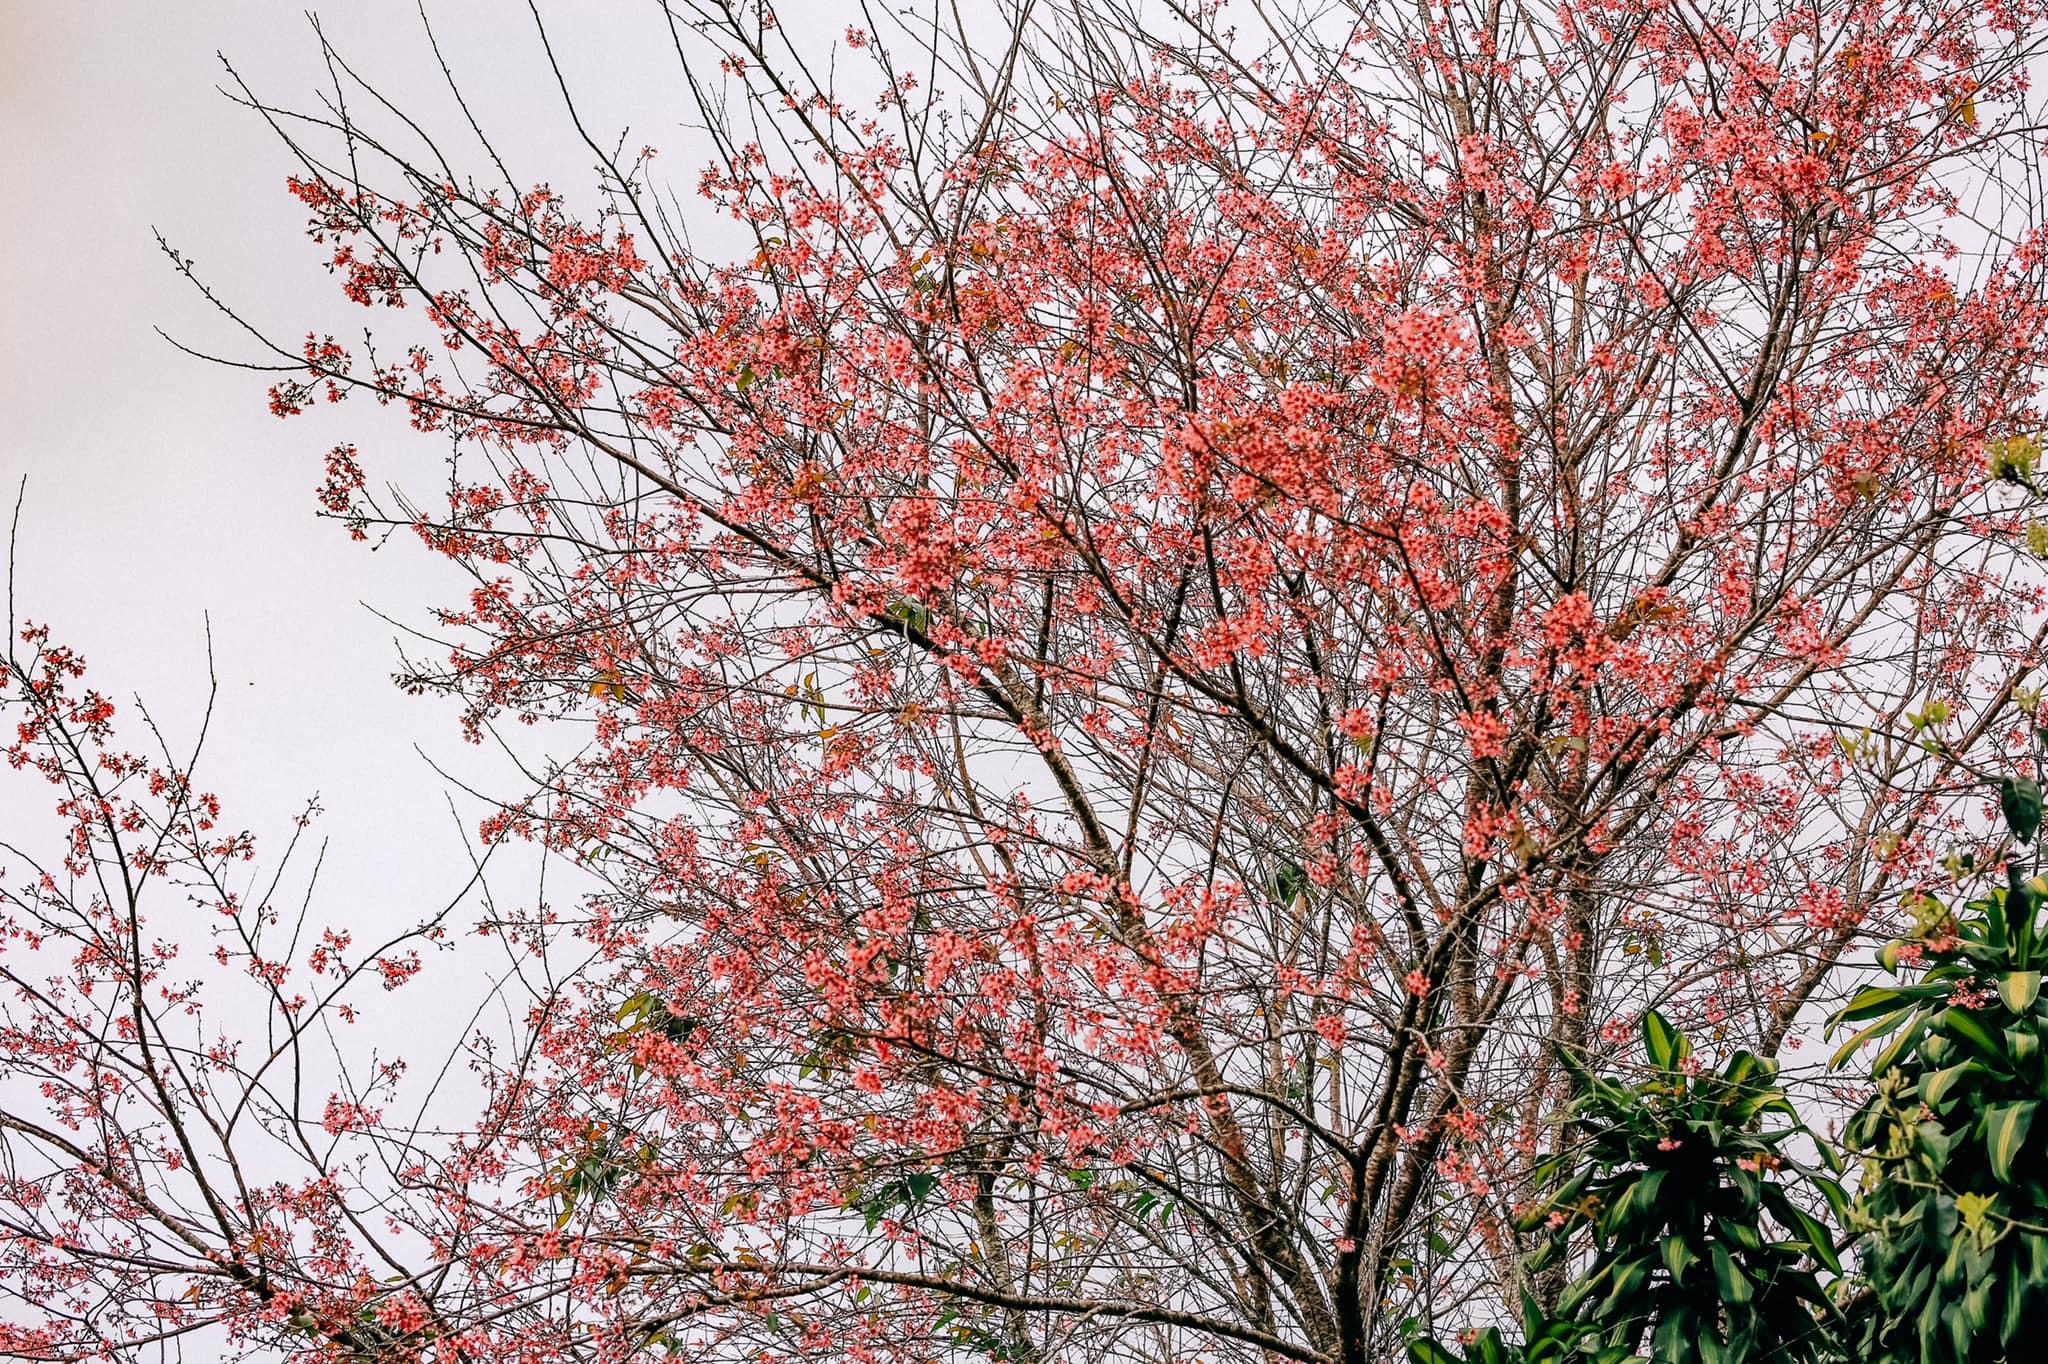 Những địa điểm ngắm hoa nổi tiếng trong mùa mai anh đào ở Đà Lạt  - Ảnh 7.